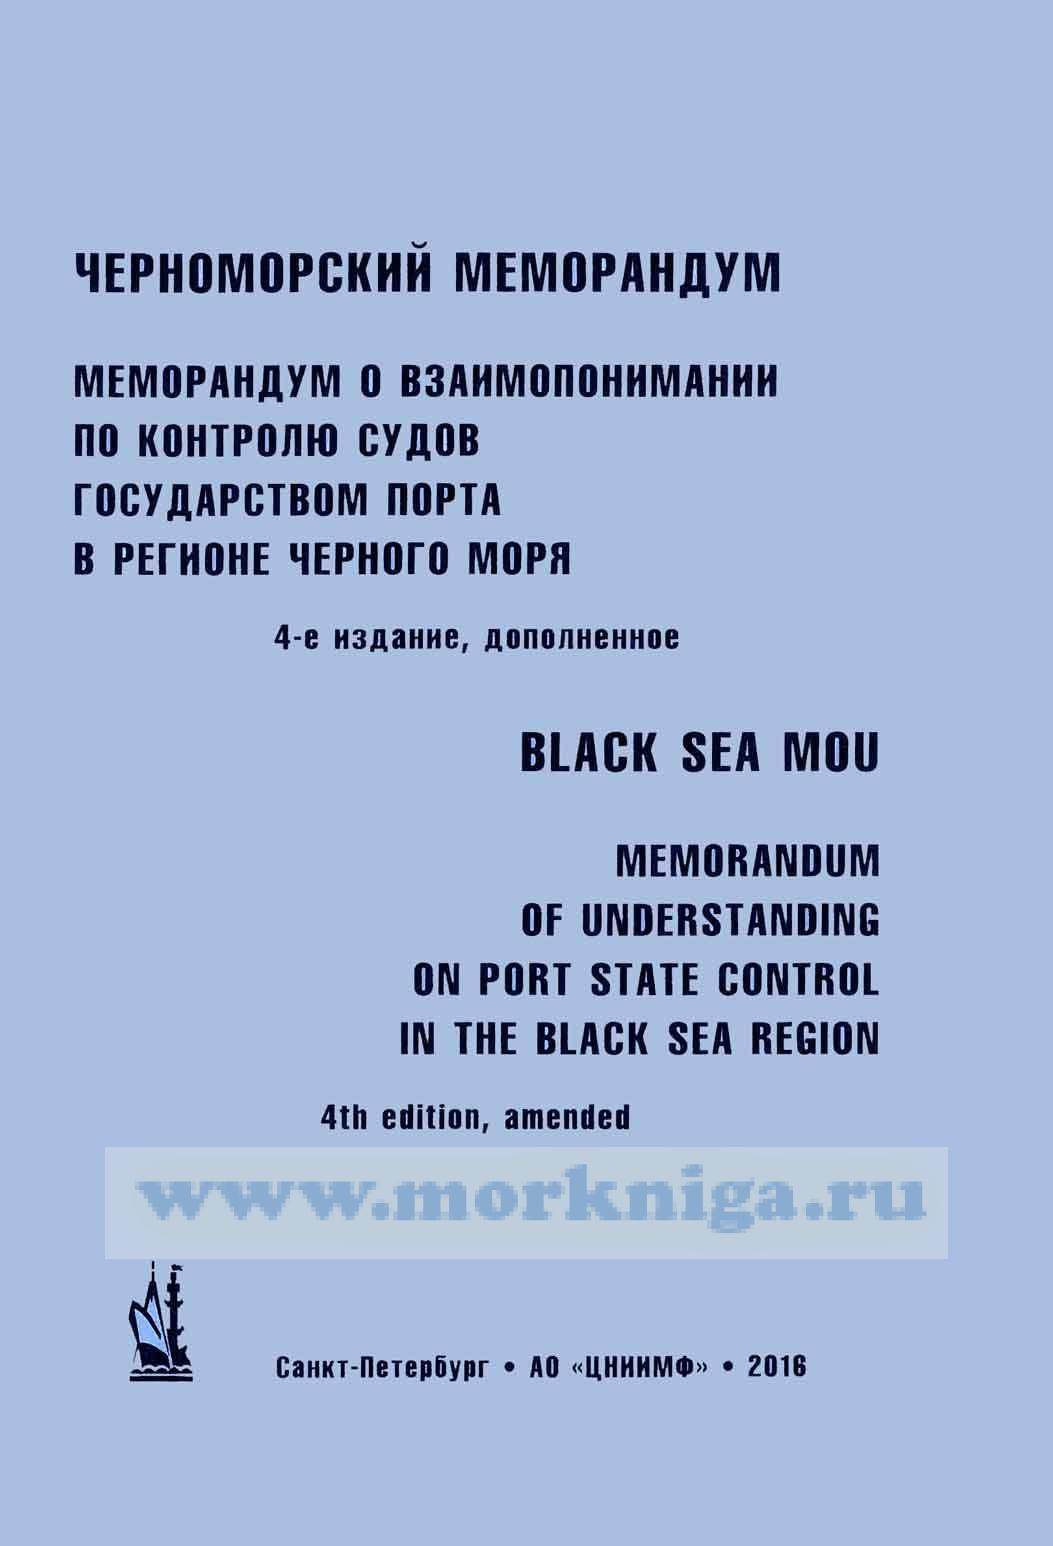 Черноморский меморандум о взаимопонимании о контроле со стороны государства порта (4-е издание, исправленное и дополненное)